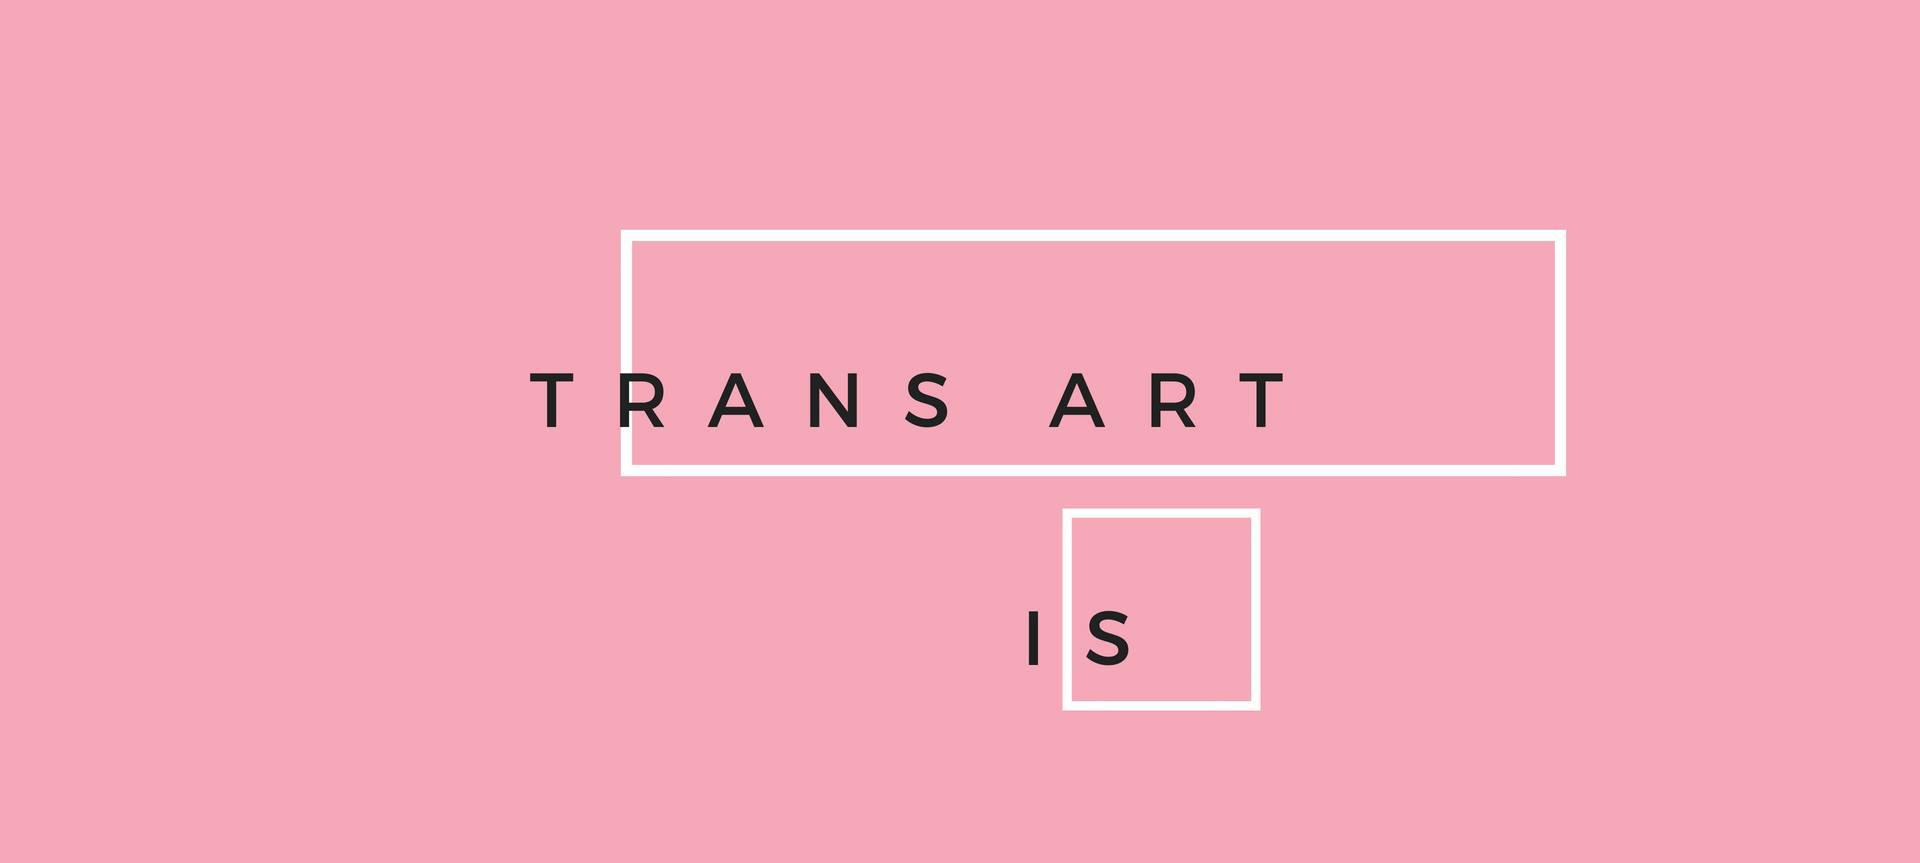 Trans Art Is